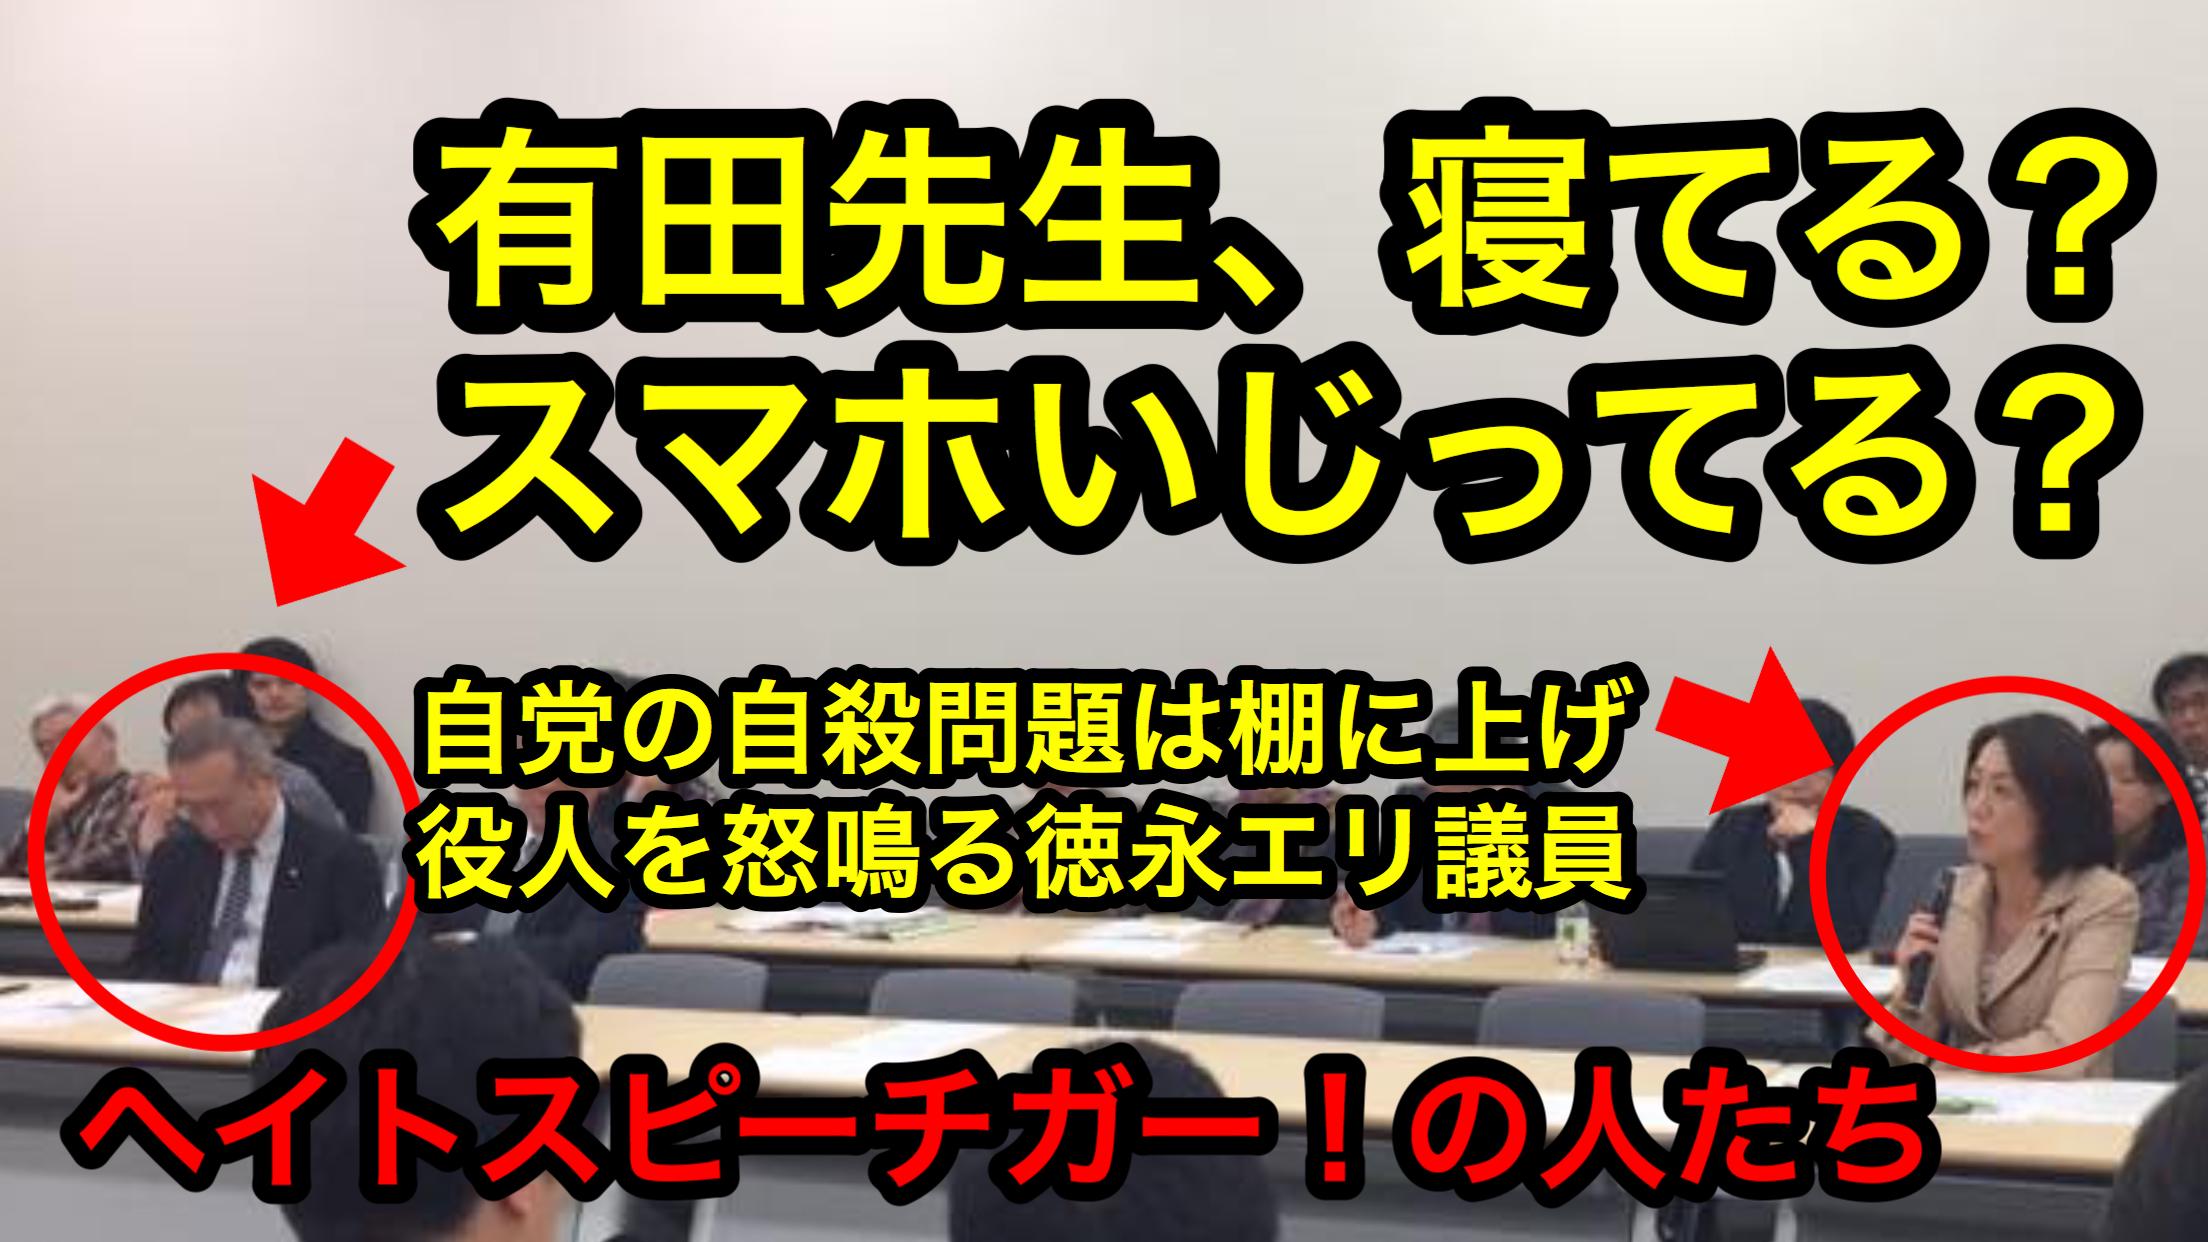 徳永エリが役人を怒鳴る、有田芳生が居眠り